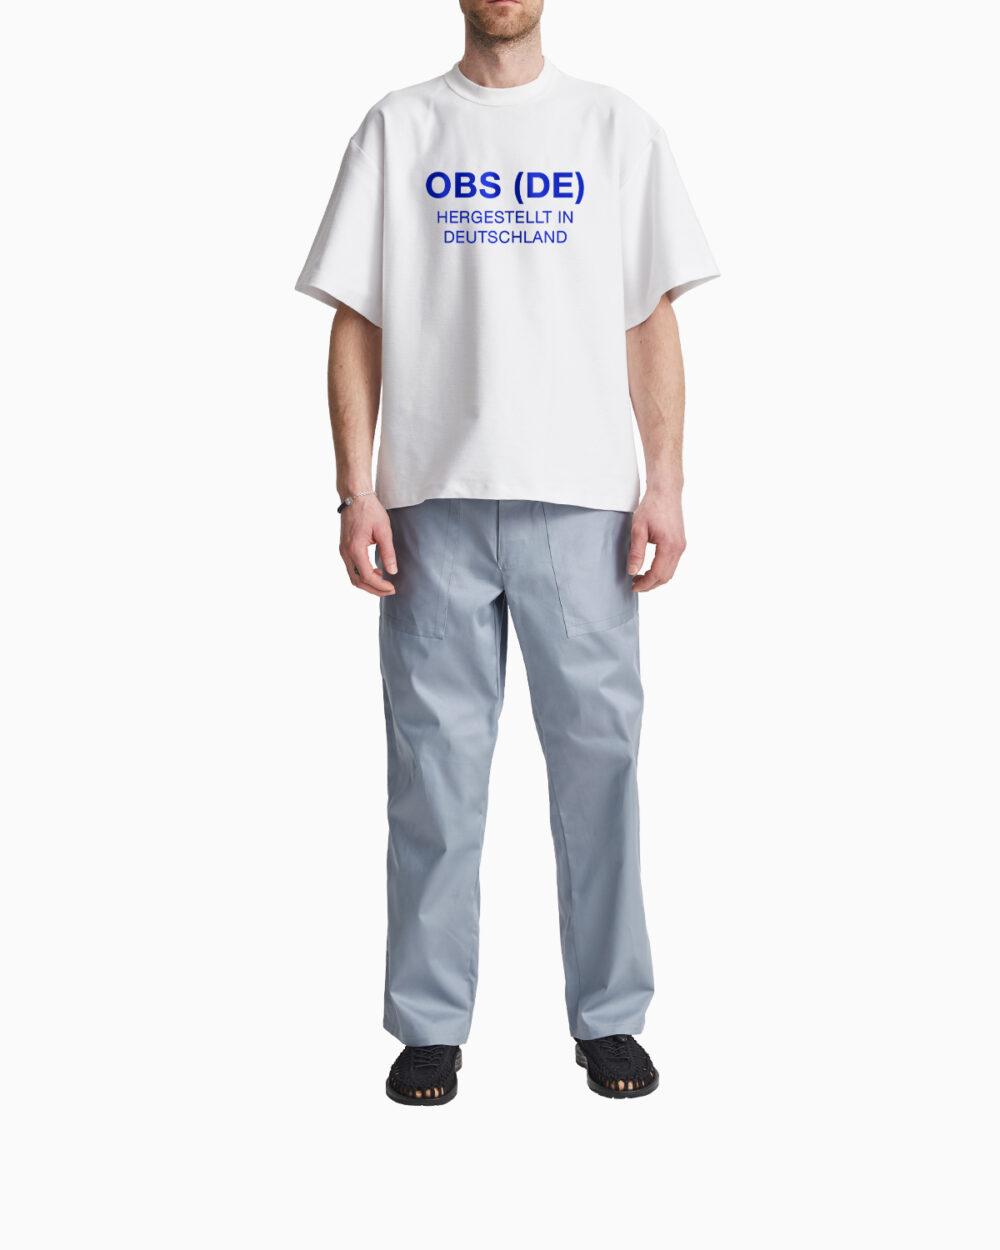 OBS (DE) Hergestellt in Deutschland T-Shirt / Big Blue Logo